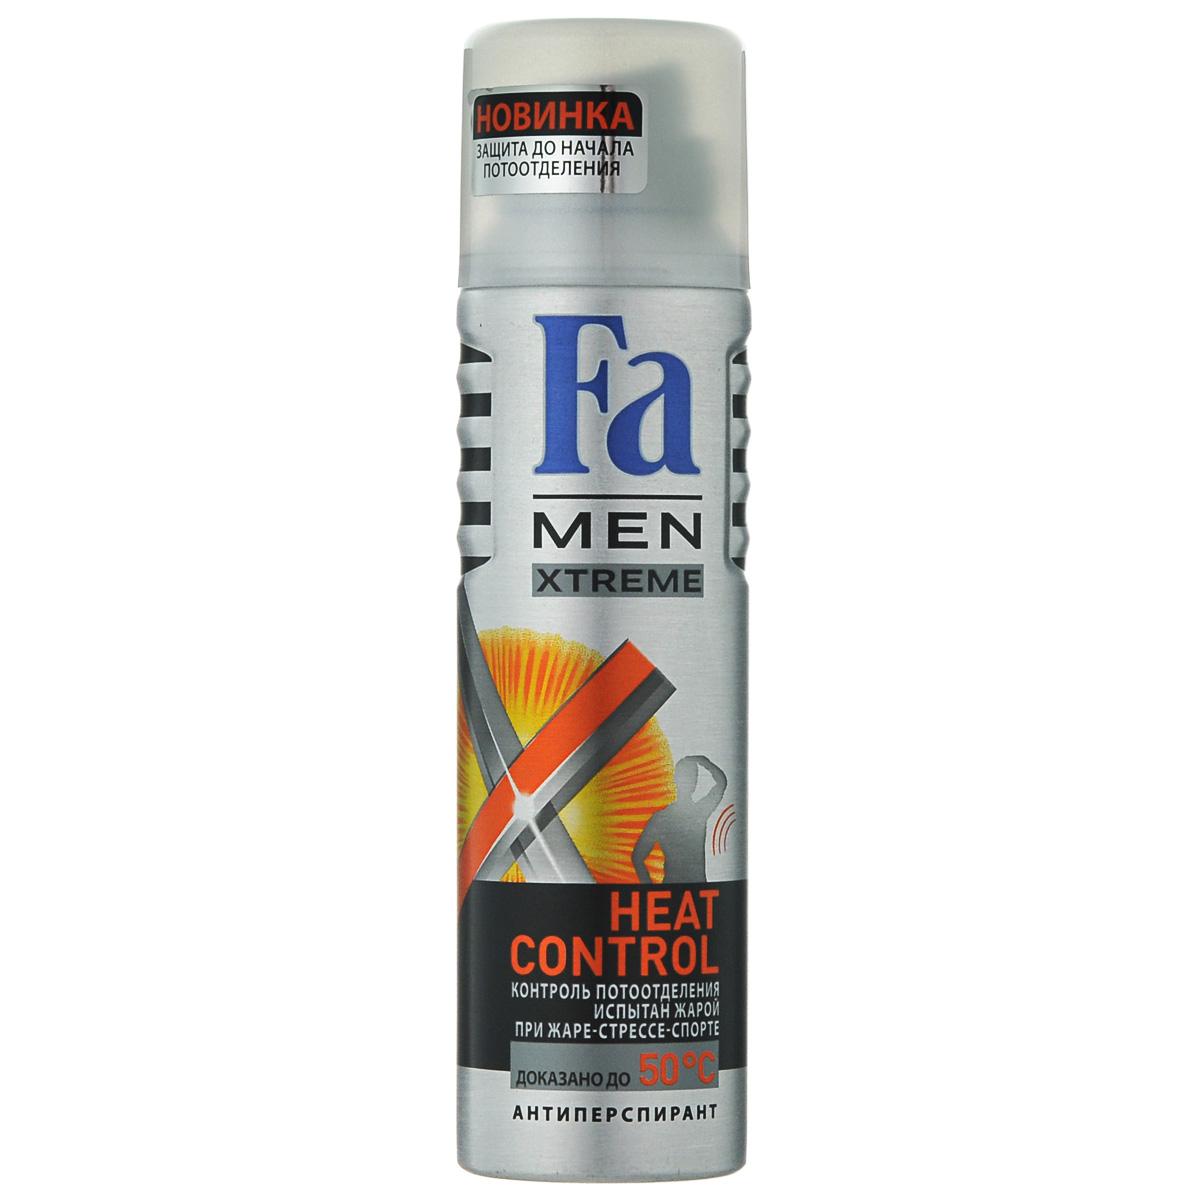 Fa MEN Дезодорант-антиперспирант аэрозоль Xtreme Heat Control, 150 млSatin Hair 7 BR730MNFA MEN Xtreme Heat Control. При повышении температуры усовершенствованная формула усиливает уровень защиты для экстремального контроля над потом в любой ситуации.Инновационная технология Sweat Detect борется с потом еще до его появления. Клинические испытания доказали эффективную защиту против пота и запаха, даже в экстремально жарких условиях. Протестирован при tдо 50°C.Также почувствуйте притягательную свежесть, принимая душ с гелем для душа Fa Men Xtreme.